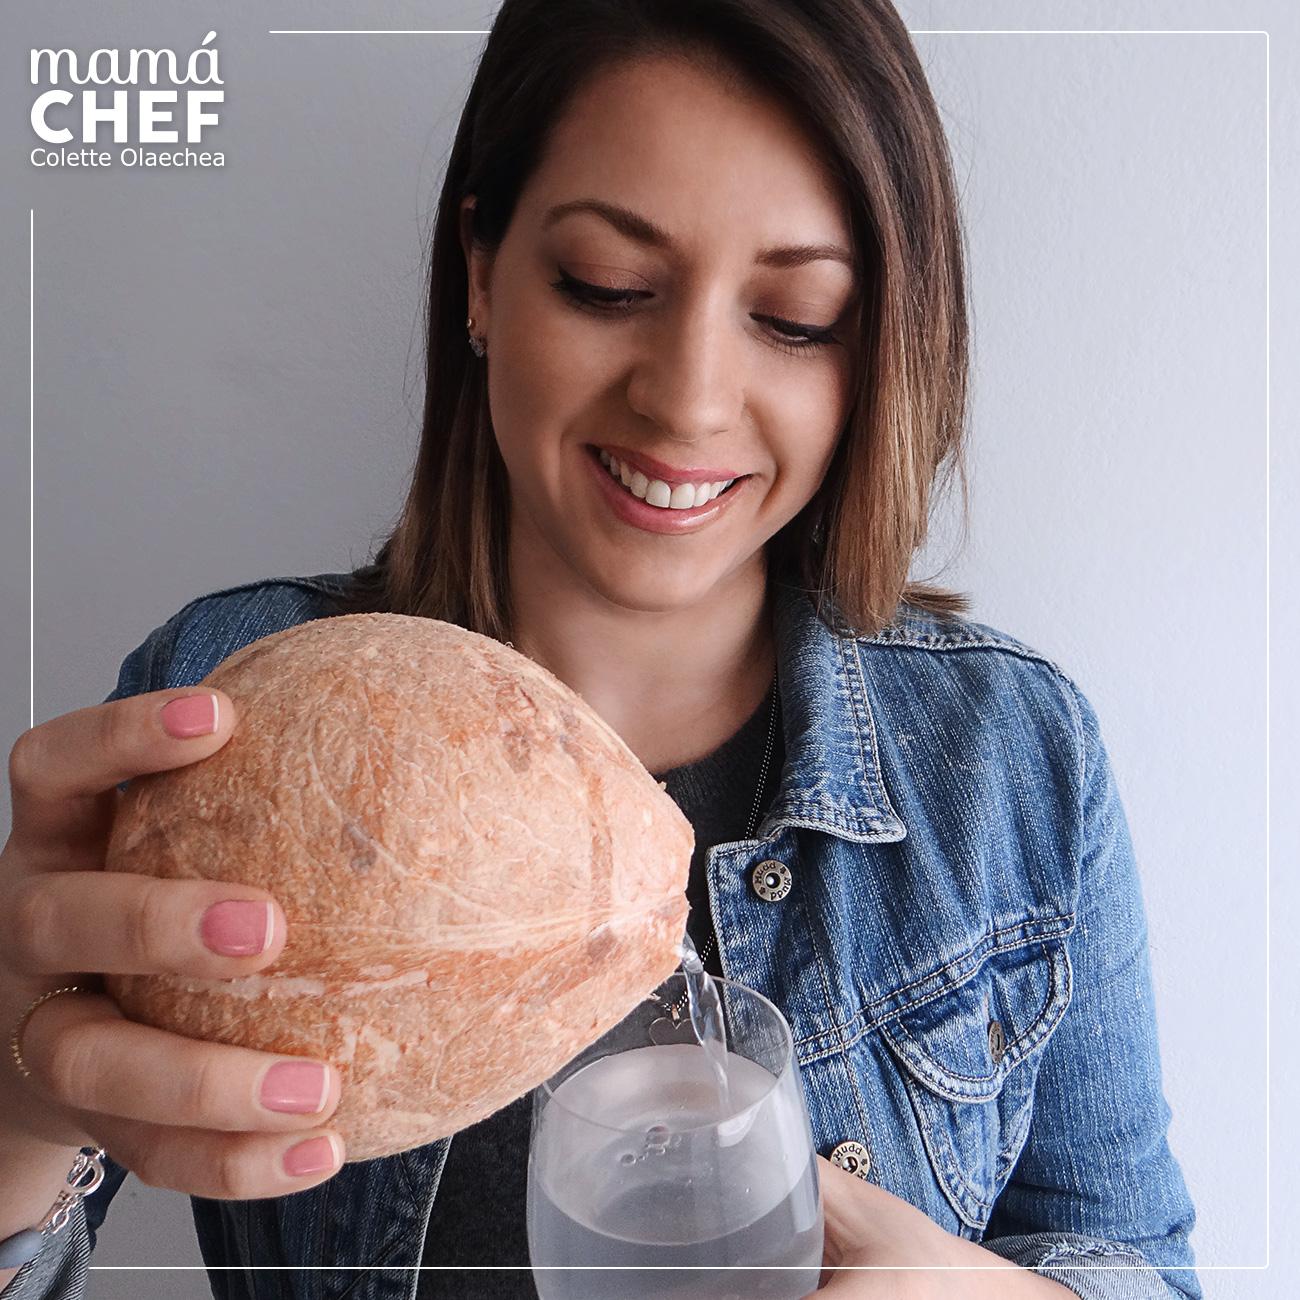 Educación alimentaria- Mamá Chef Colette Olaechea - propiedades del coco